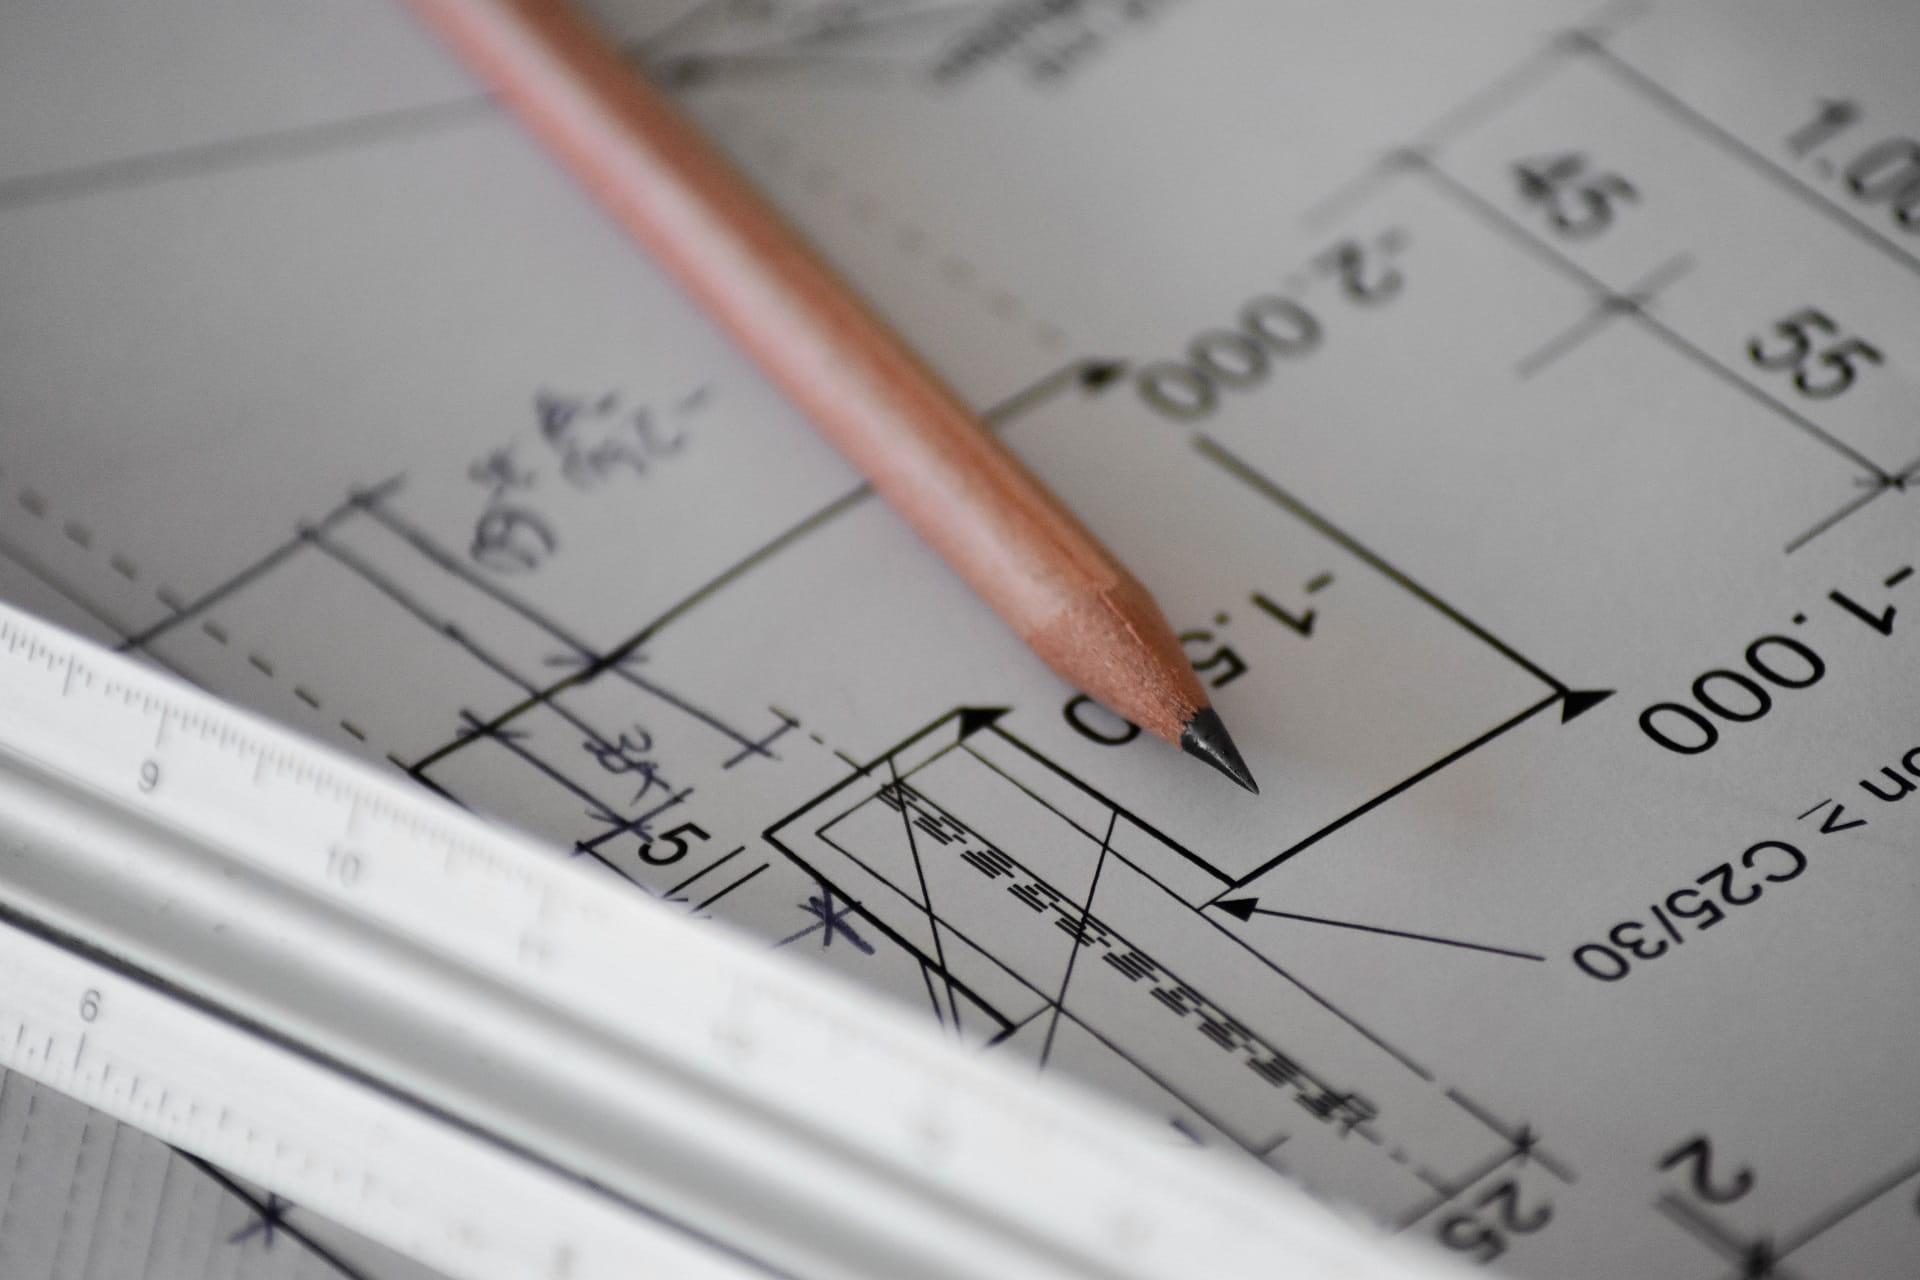 Bleistift liegt auf dem Grundriss eines Hauses.